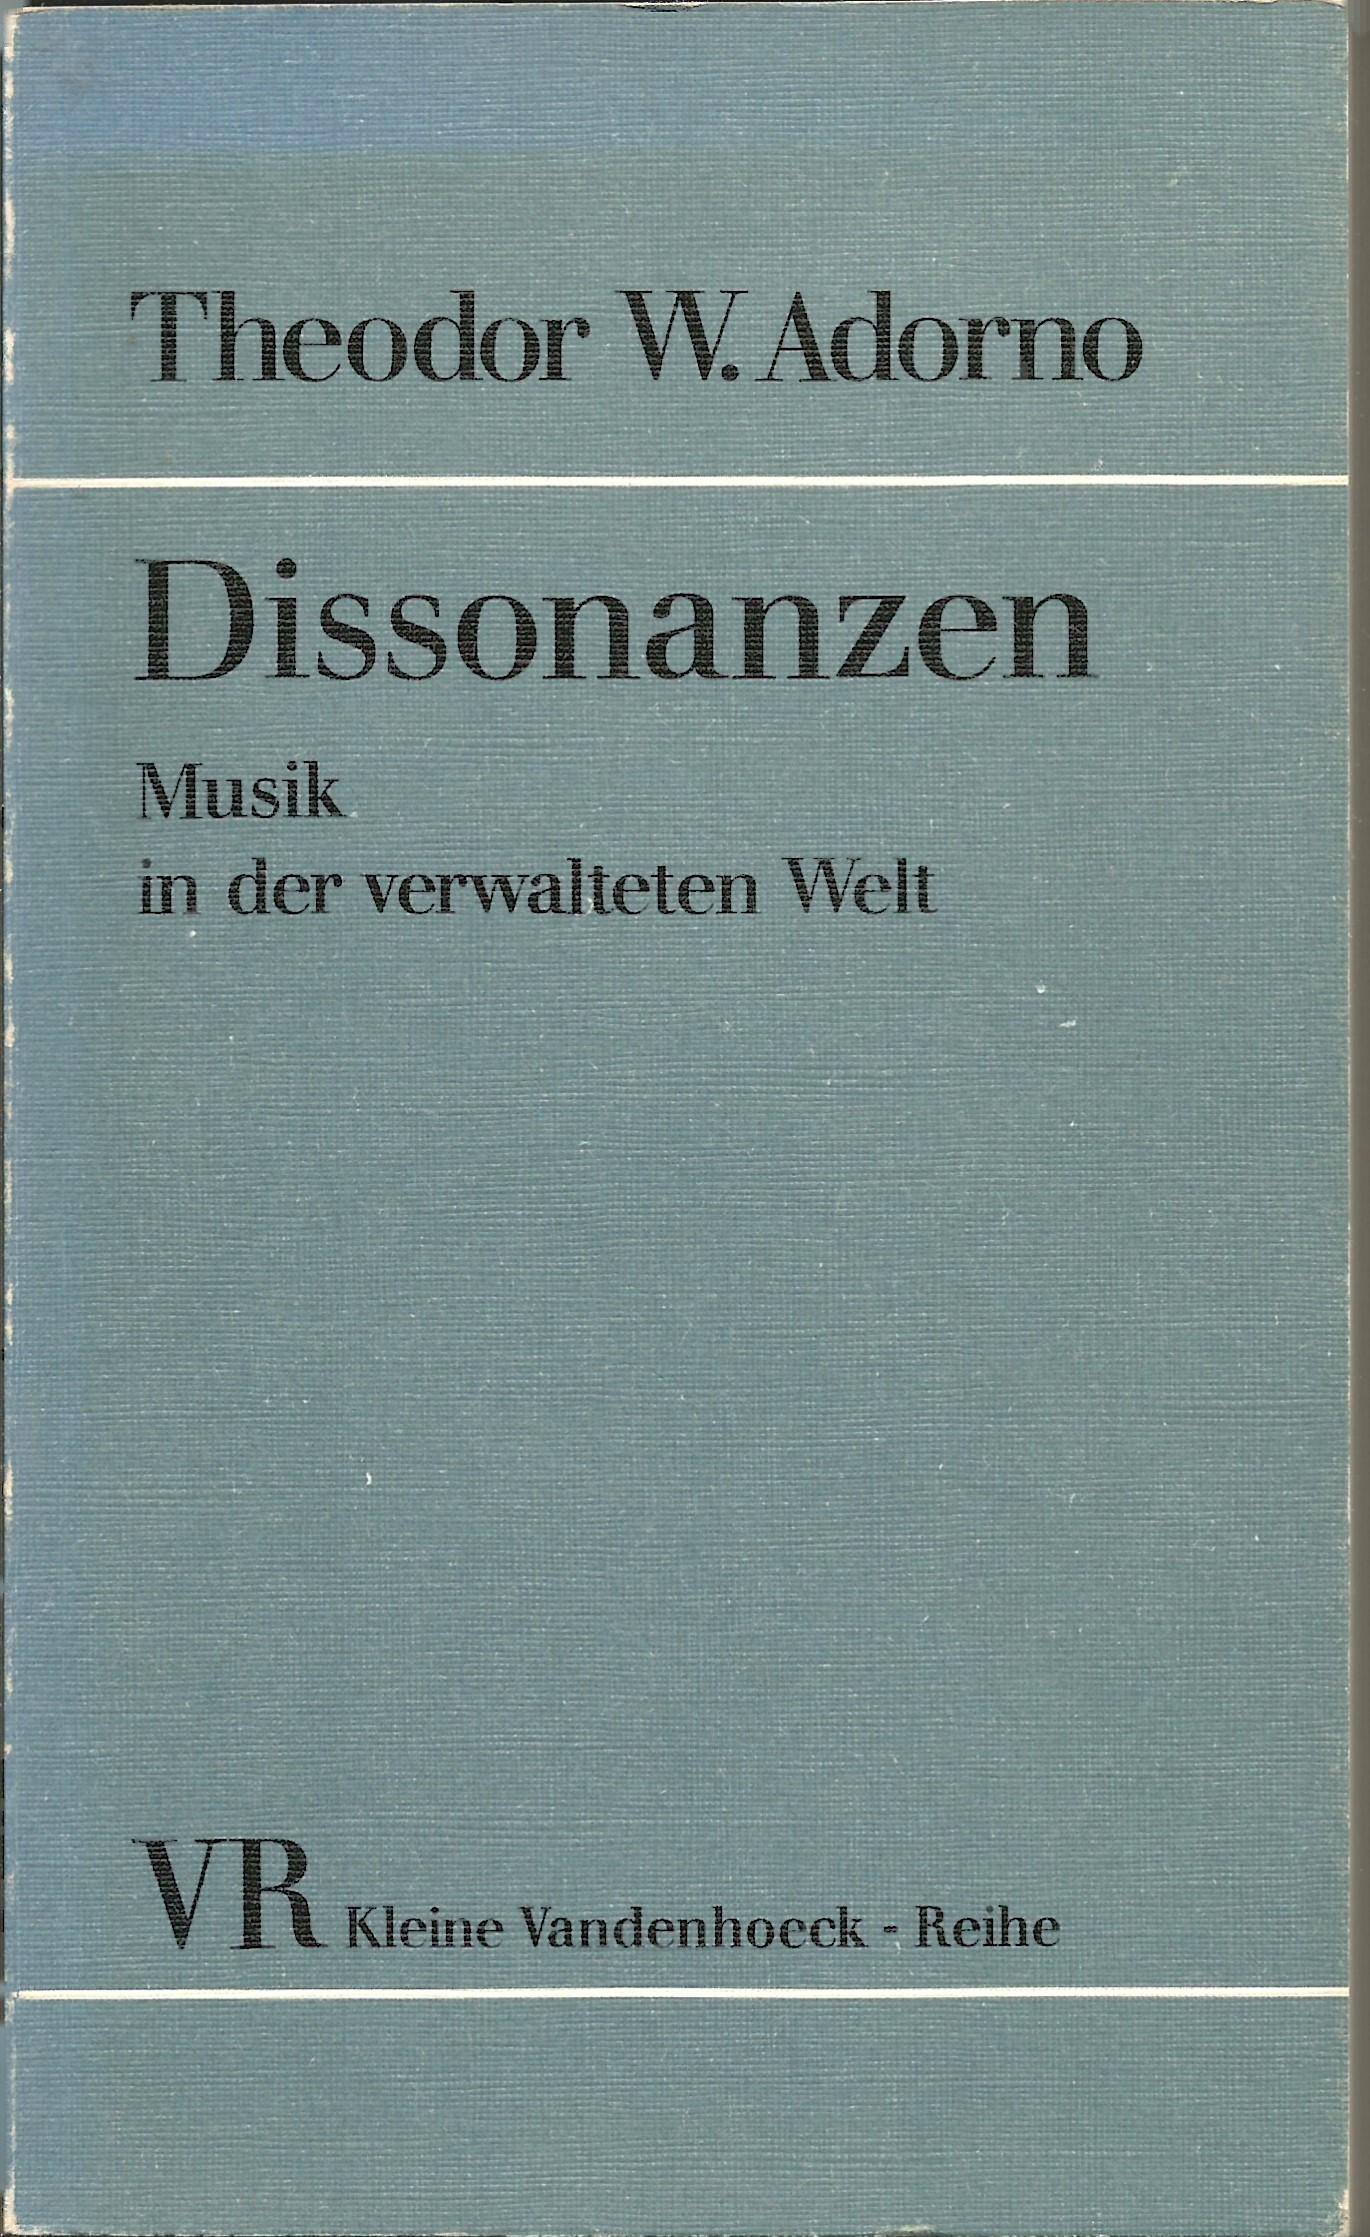 Dissonanzen. Musik in der verwalteten Welt.